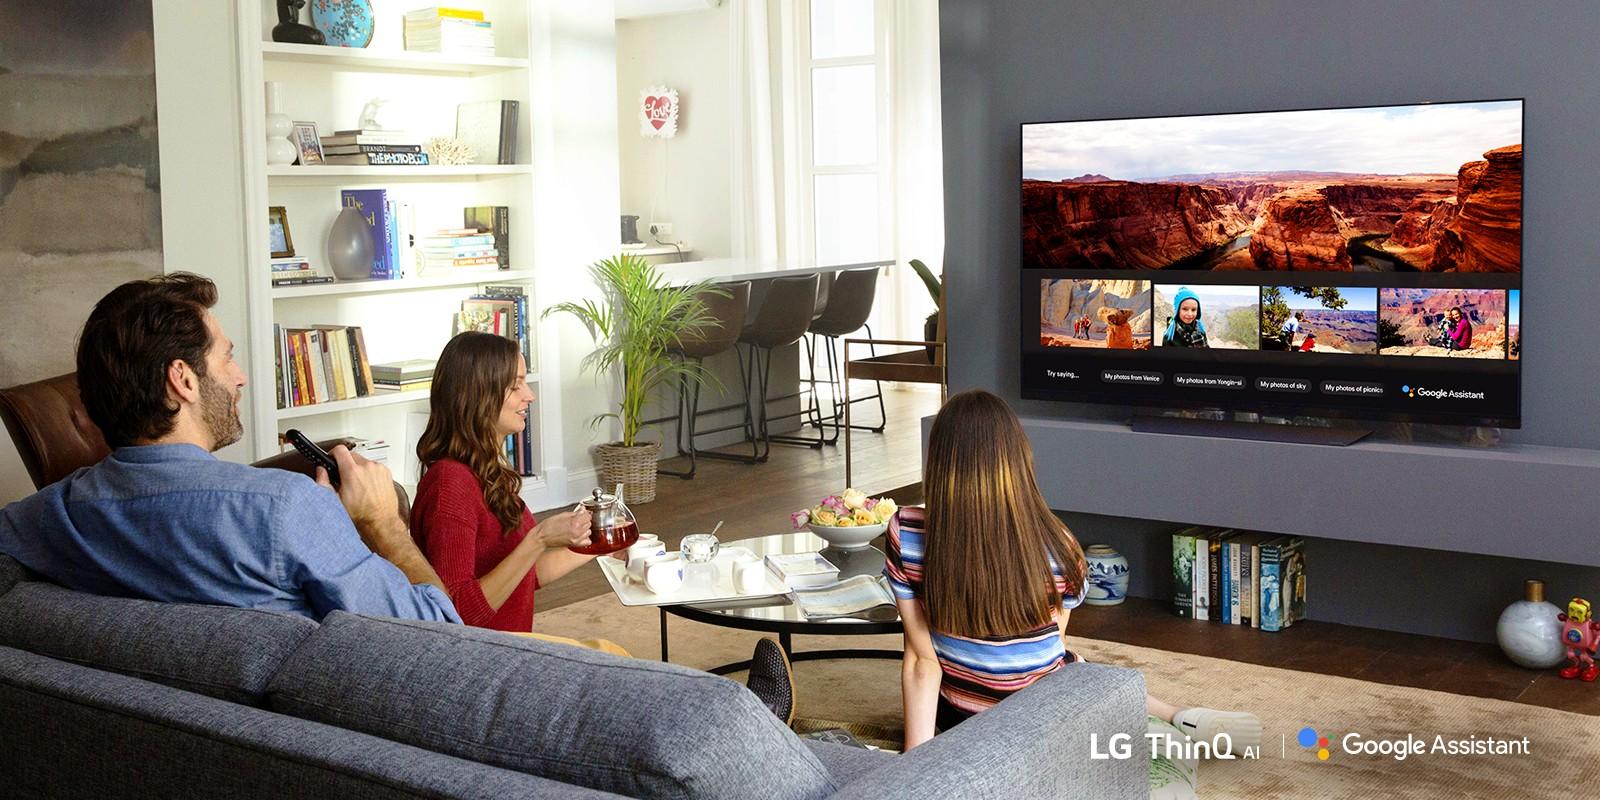 LG TV Google Assistant Launch (2)